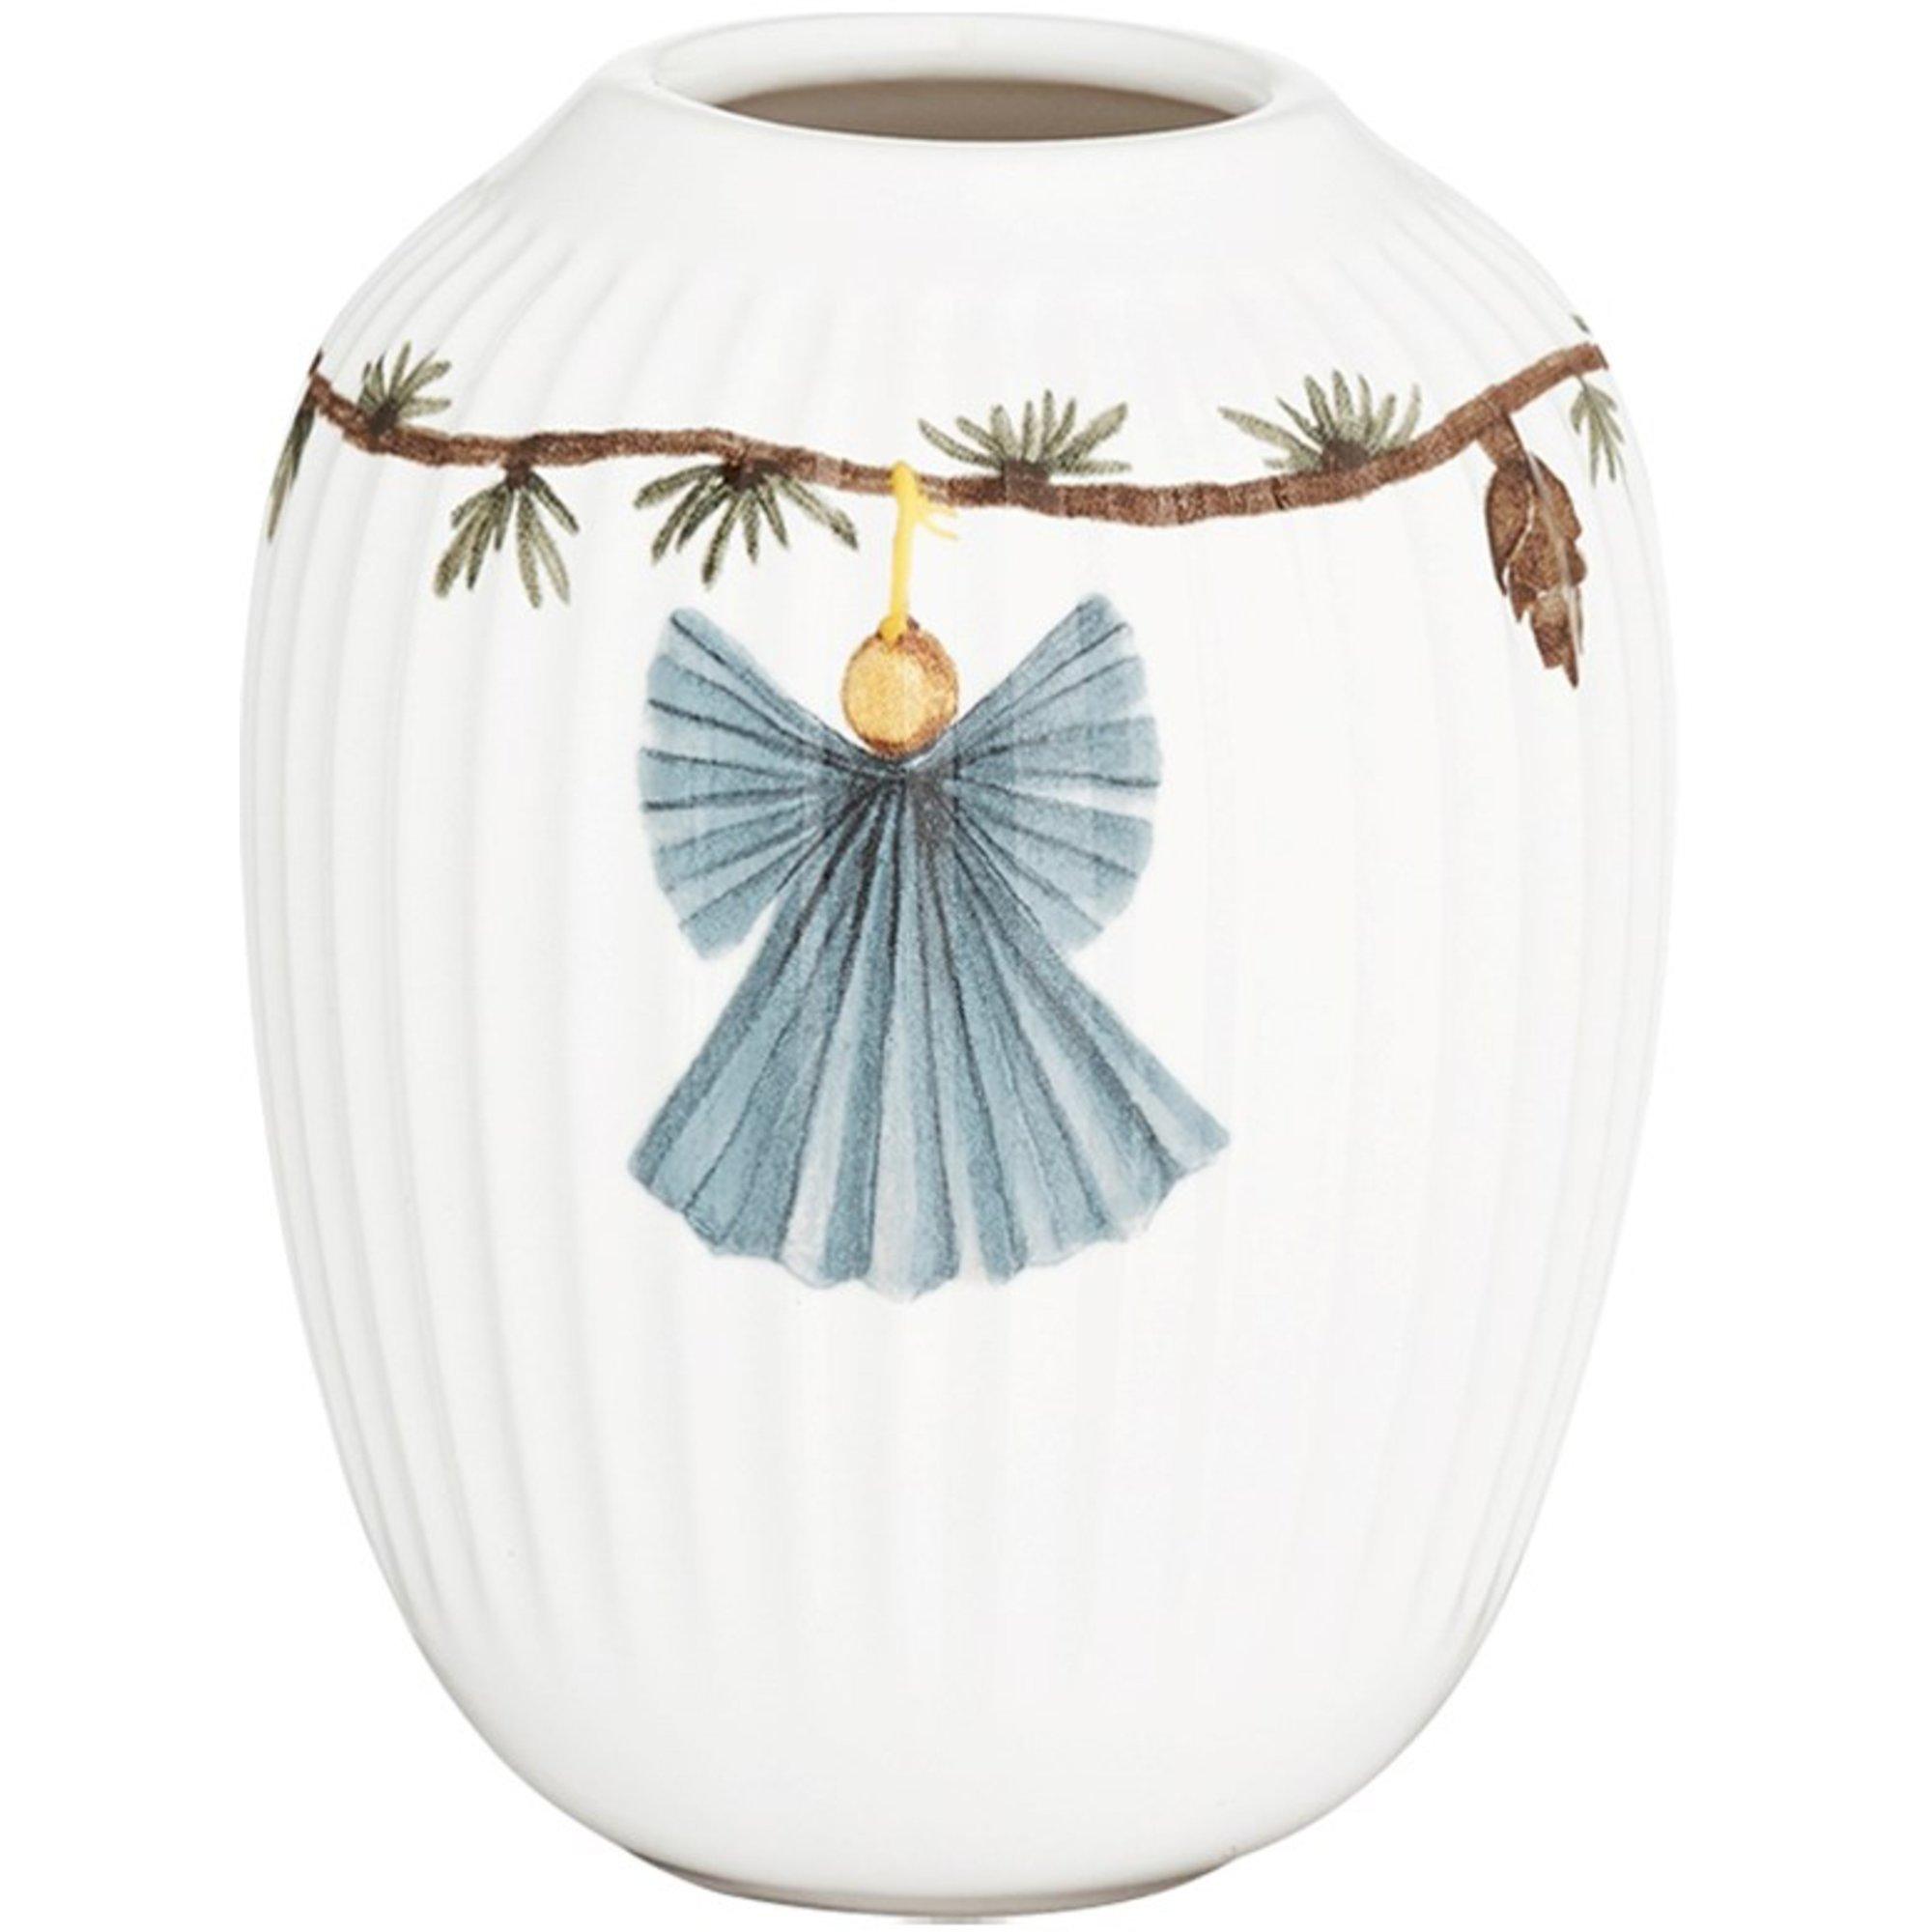 Kähler Hammershøi Christmas Vas 10,5 cm